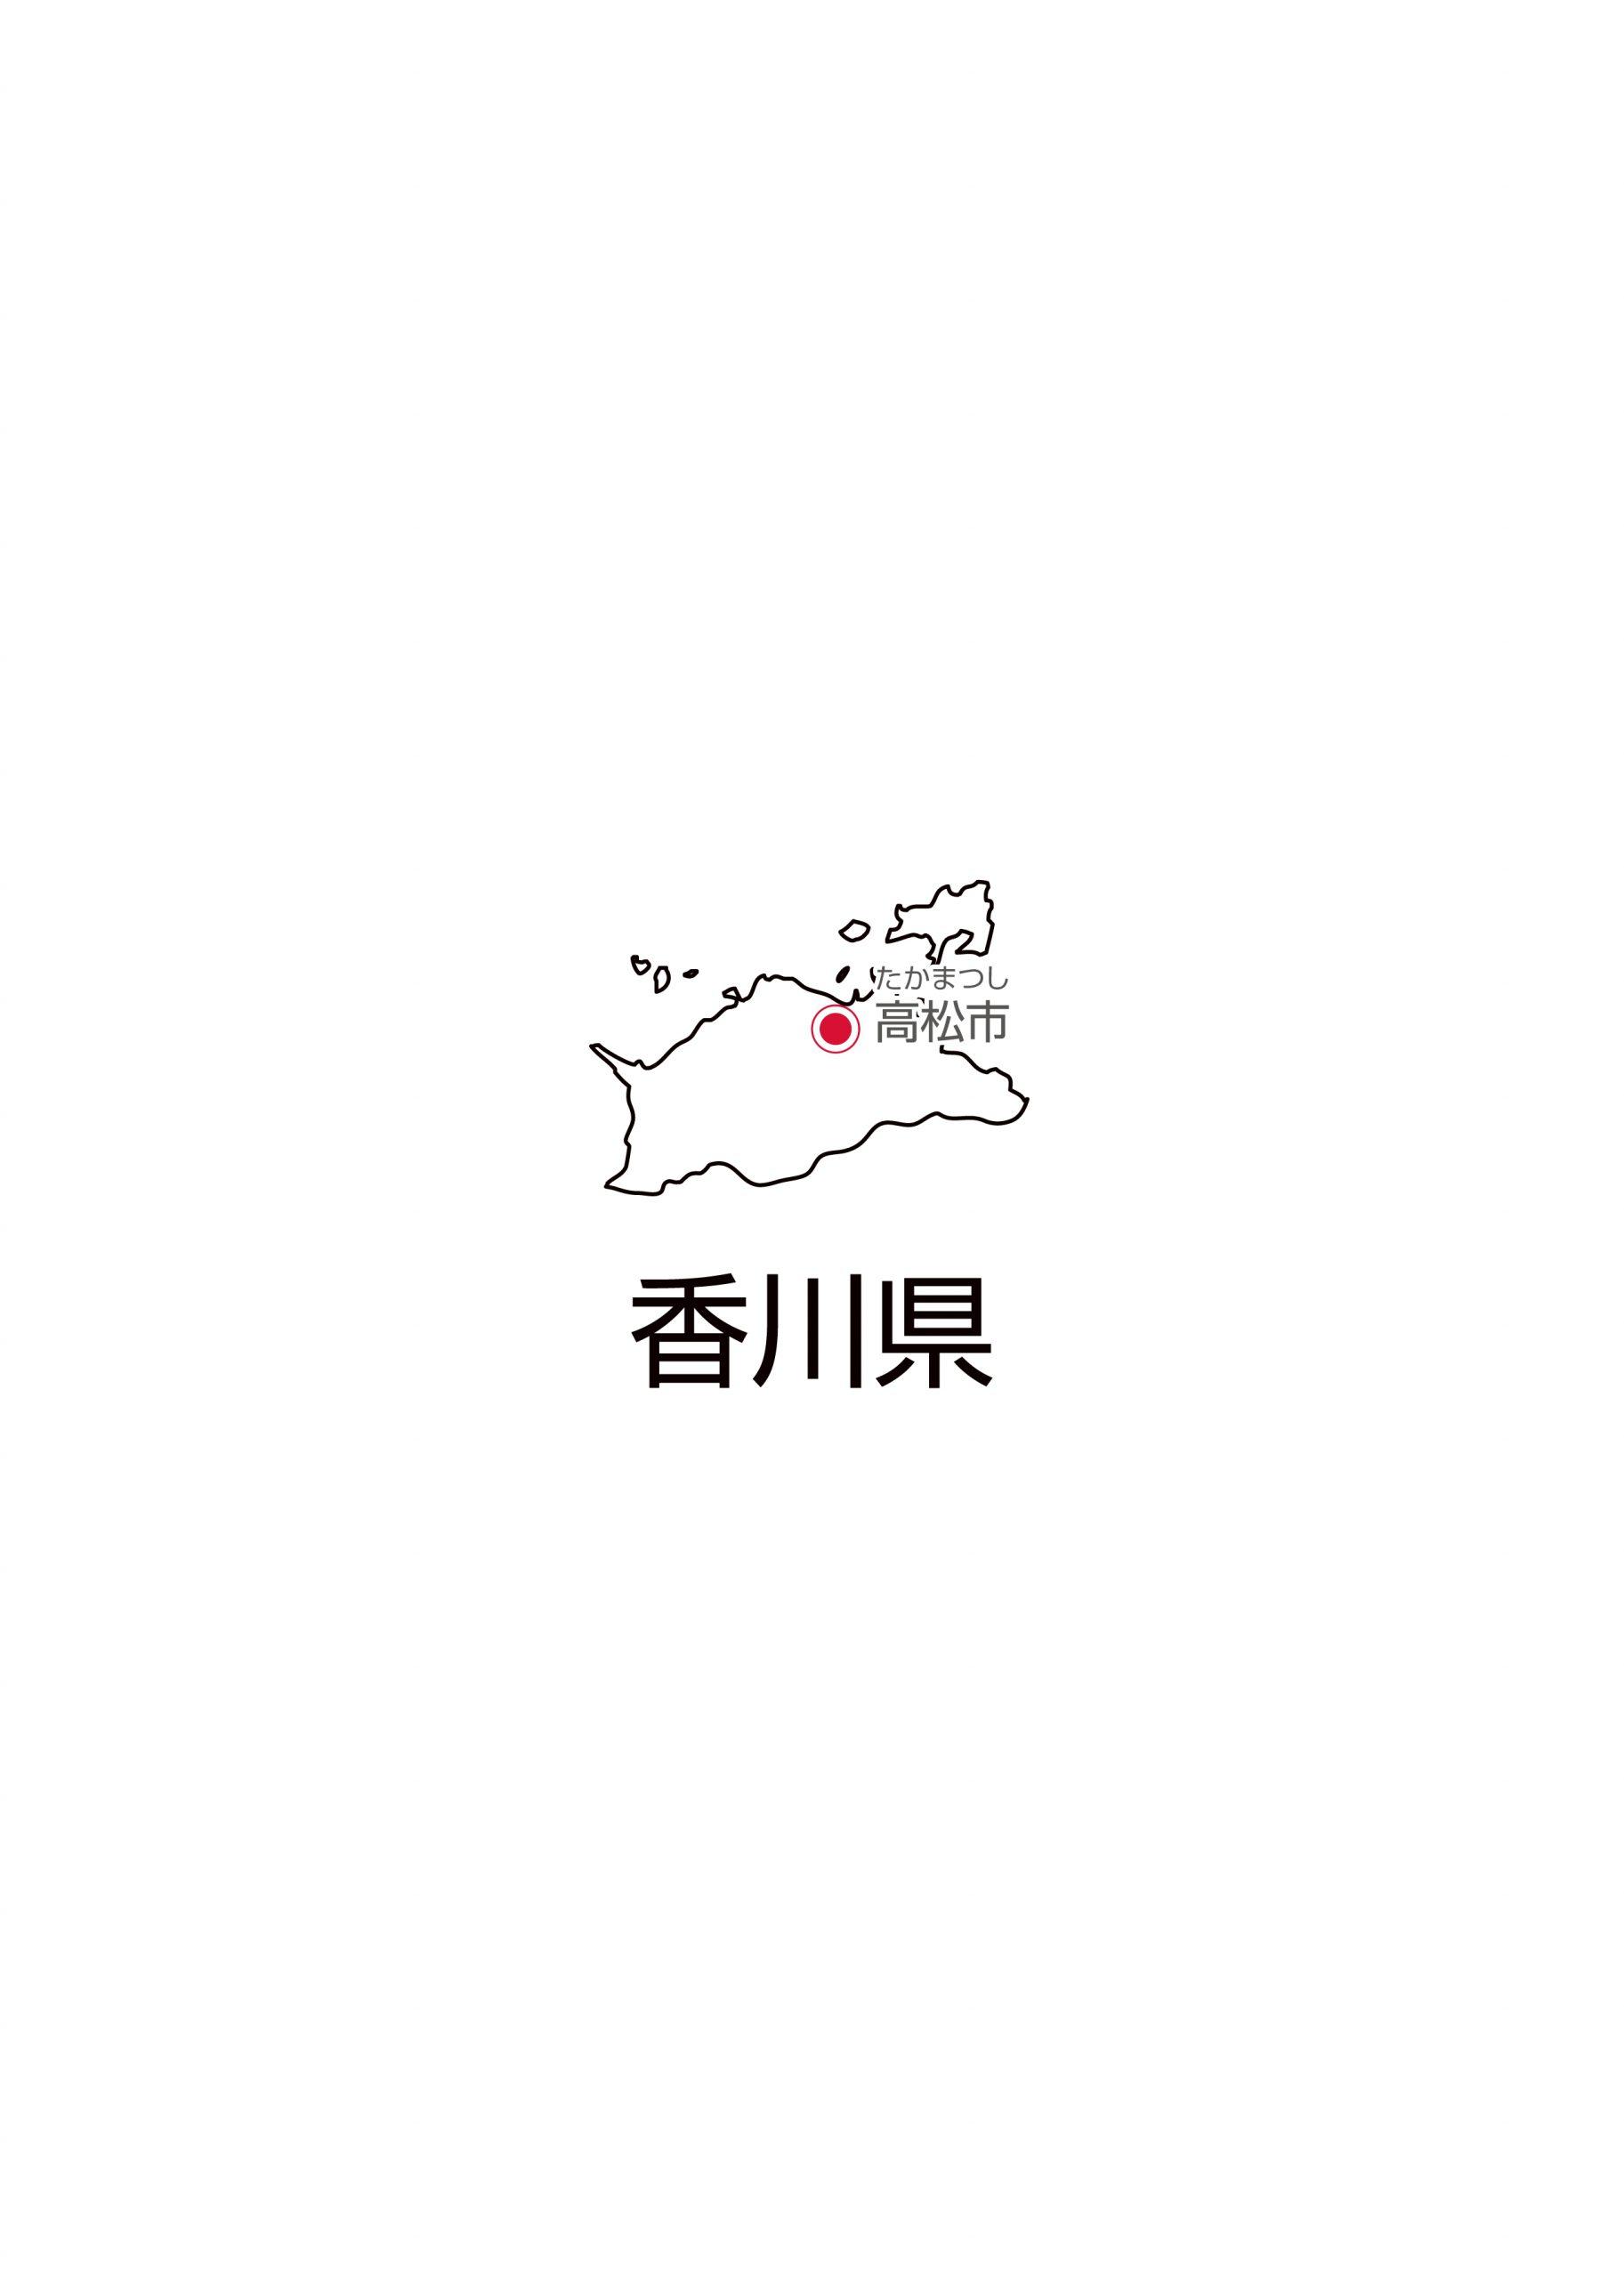 の 所在地 香川 県庁